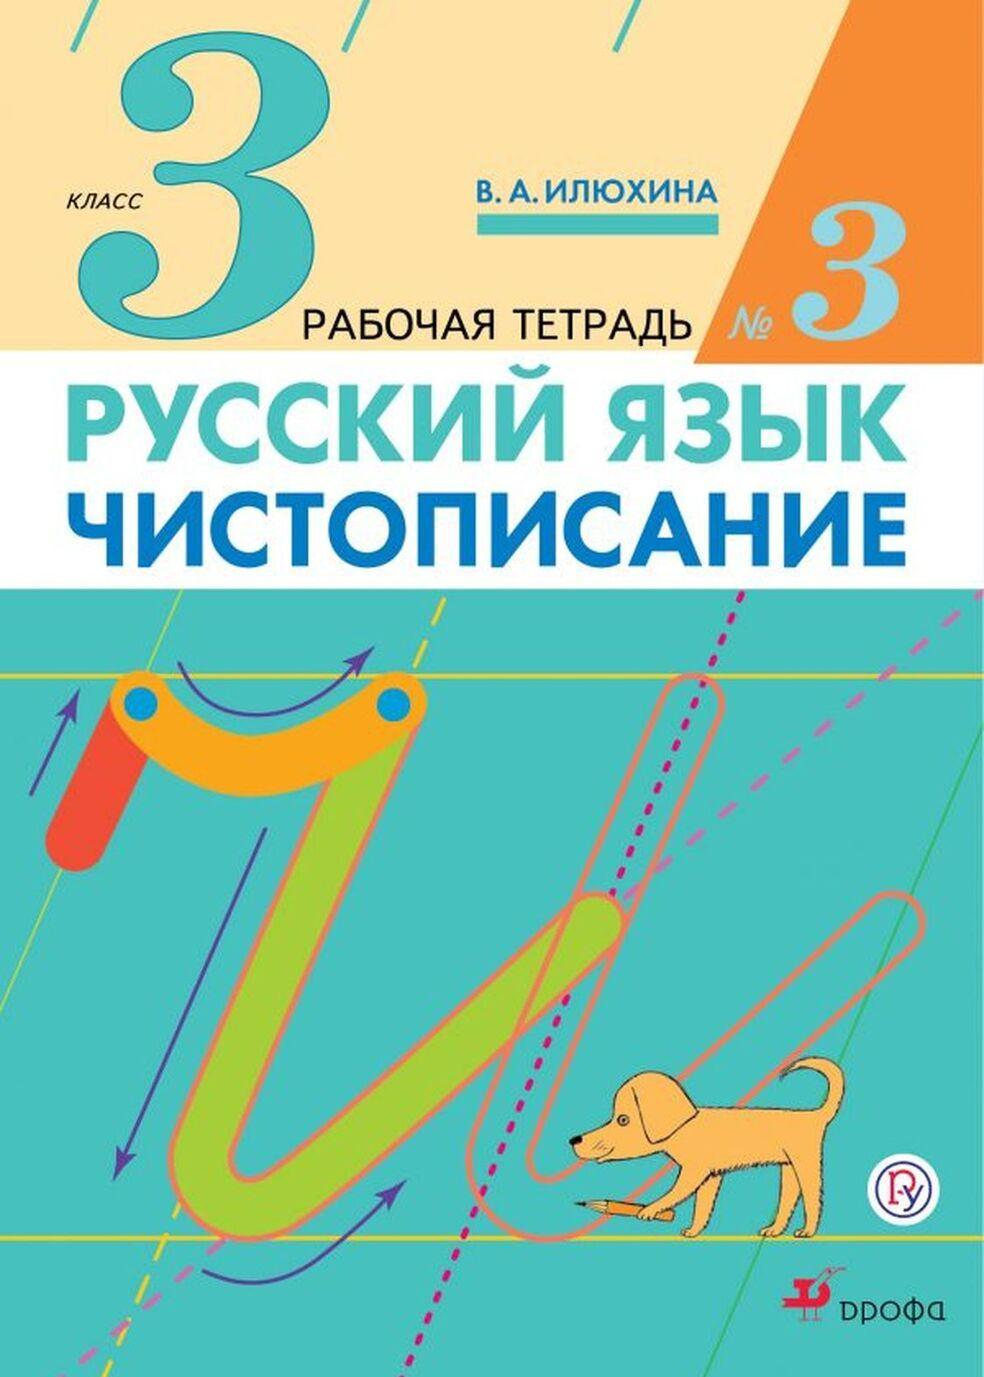 Russkij jazyk. Chistopisanie. 3 klass. Rabochaja tetrad. V 3-kh chastjakh. Chast 3 | Iljukhina Vera Alekseevna